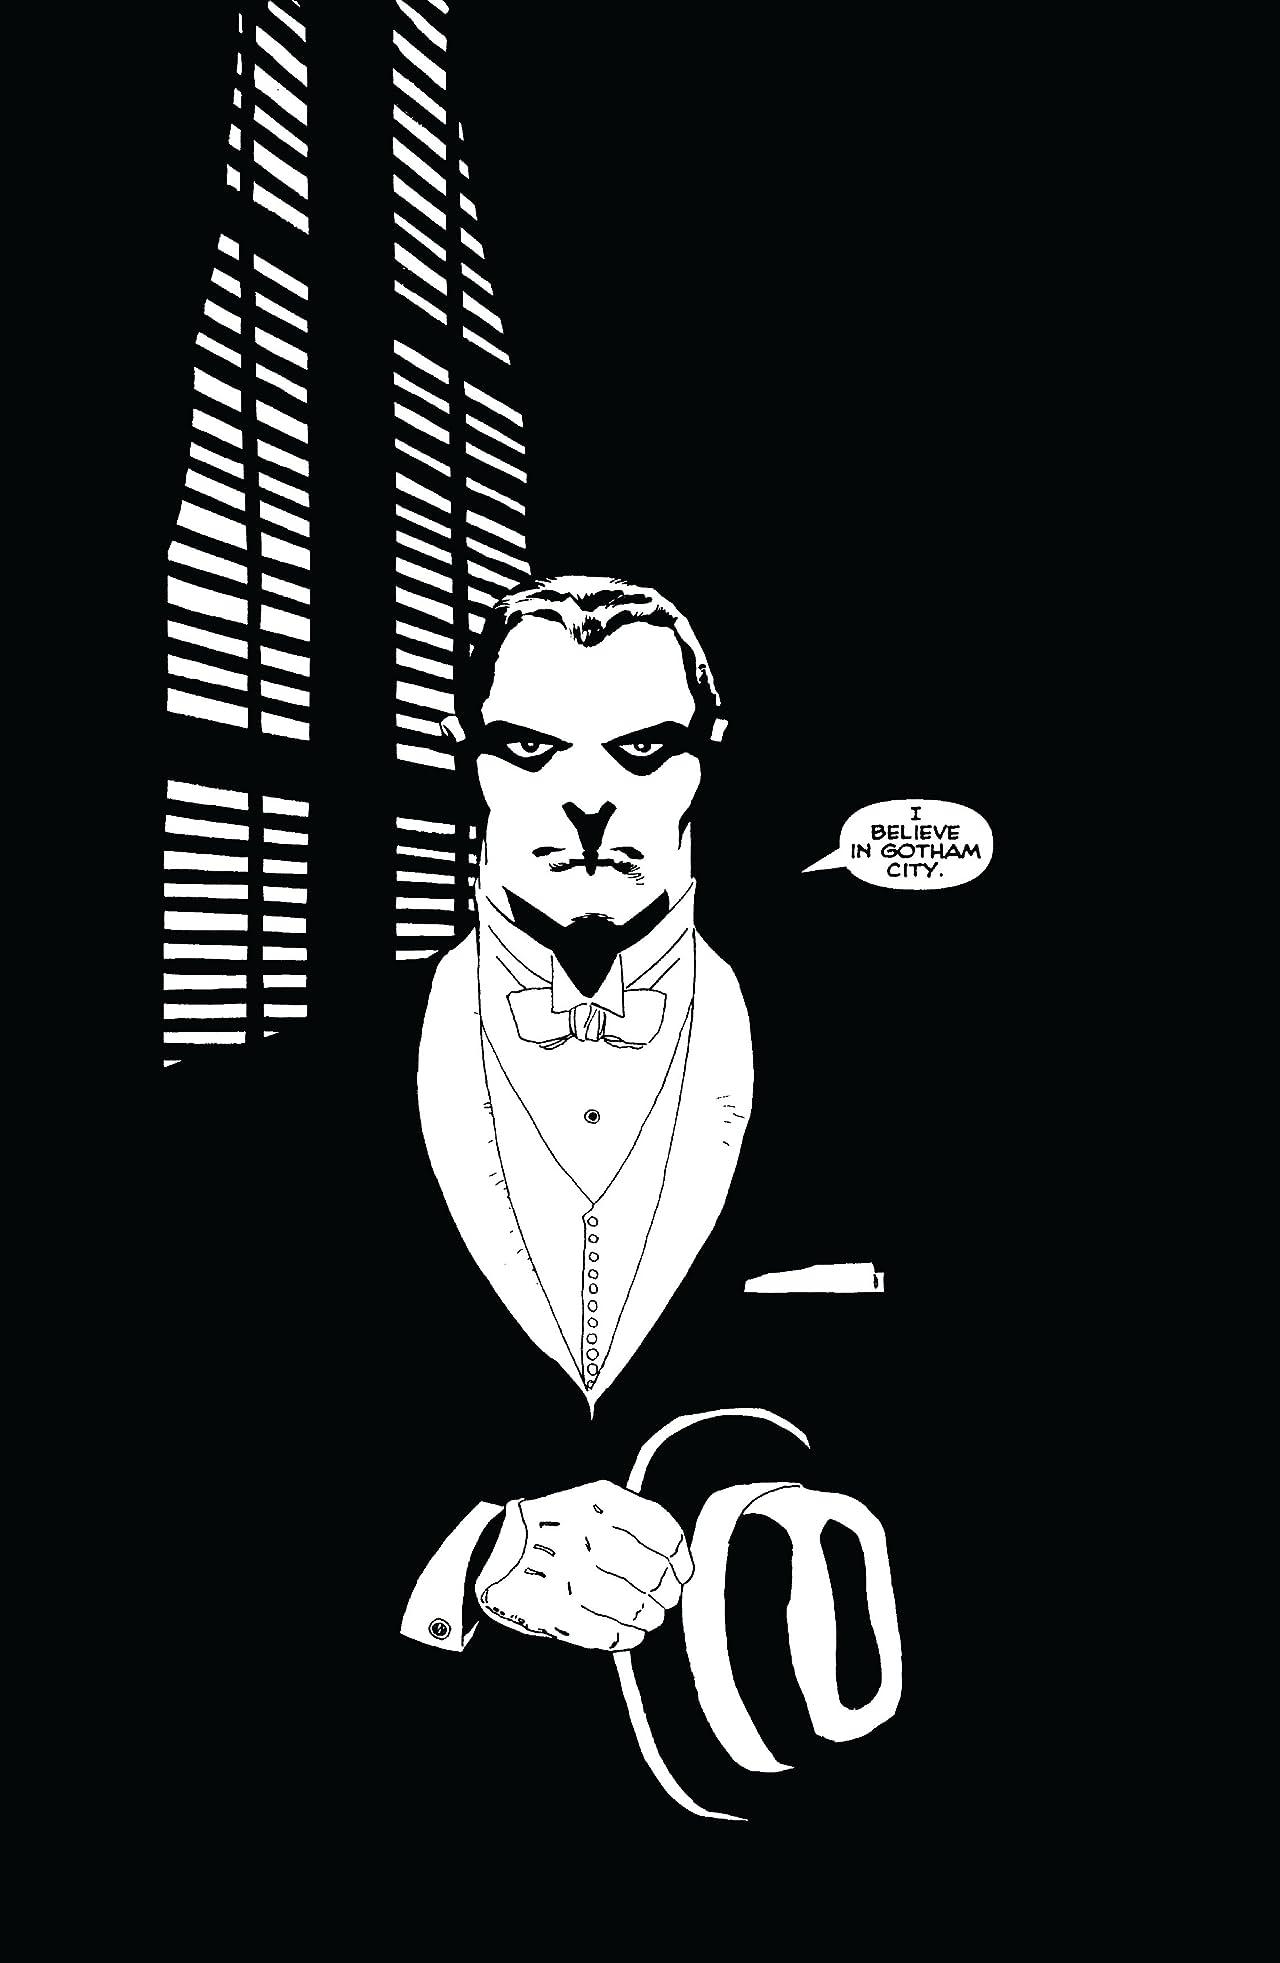 Batman Noir: The Long Halloween - Comics by comiXology